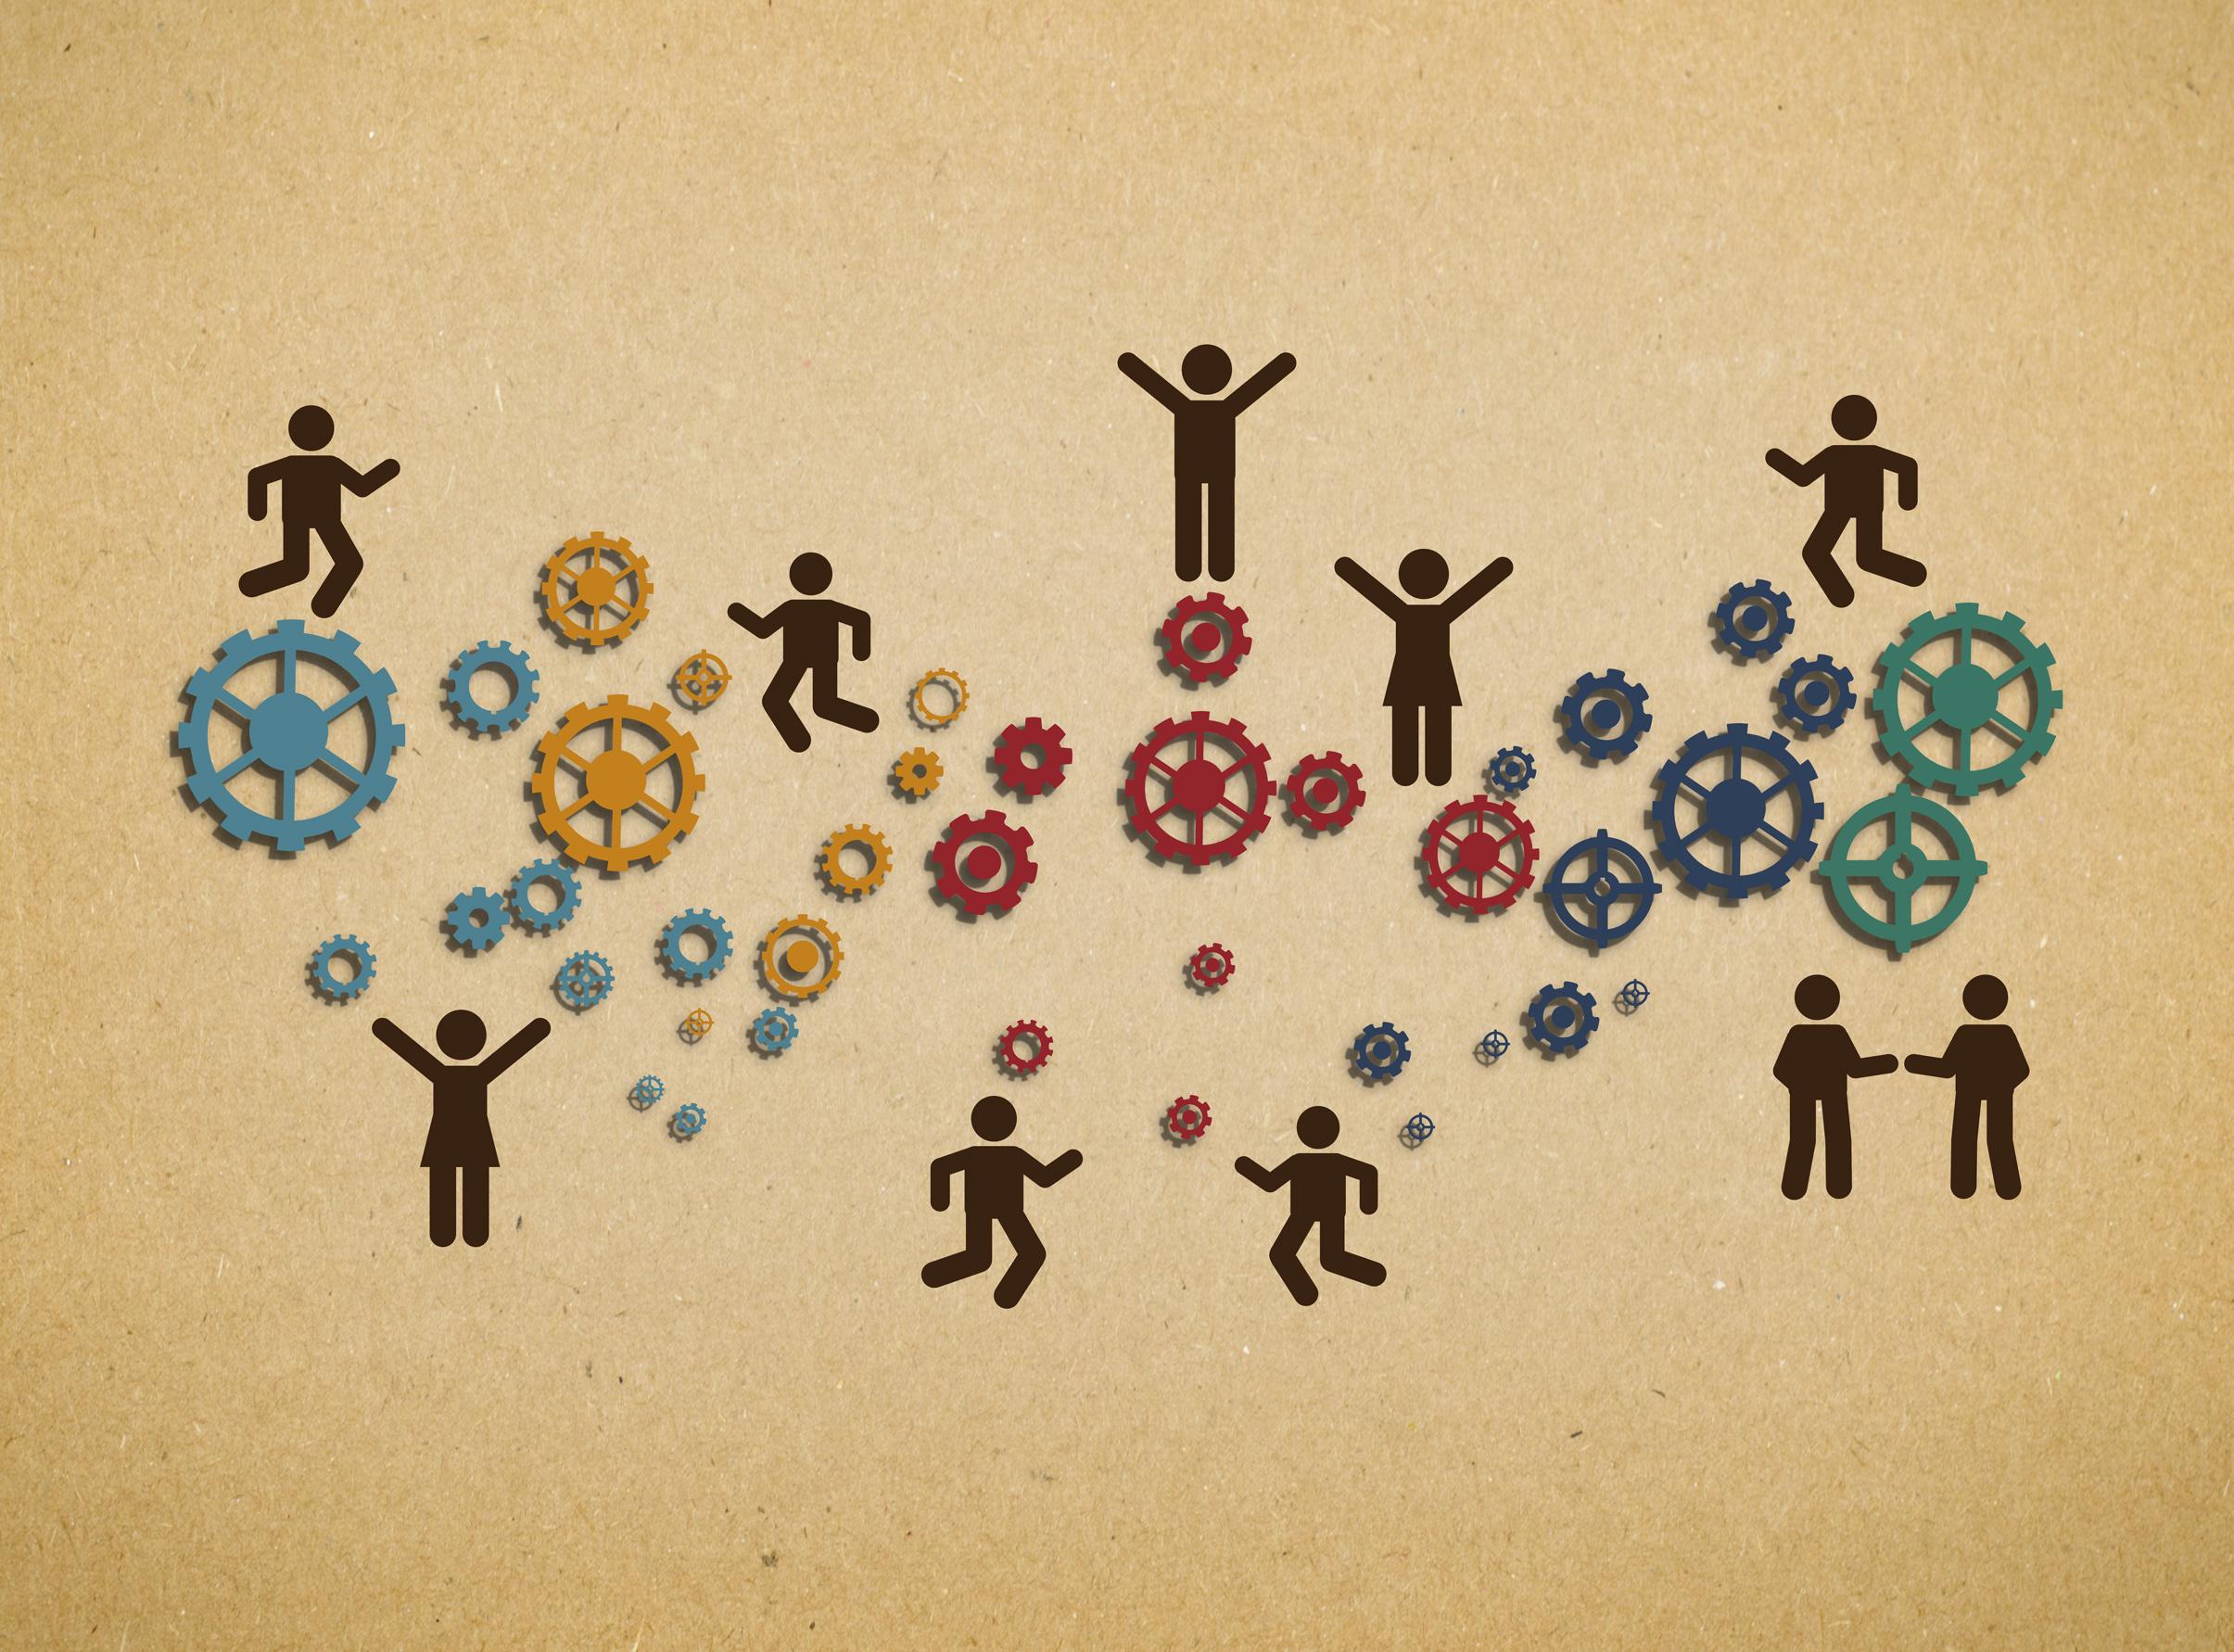 Workforce teamwork within an organization photo